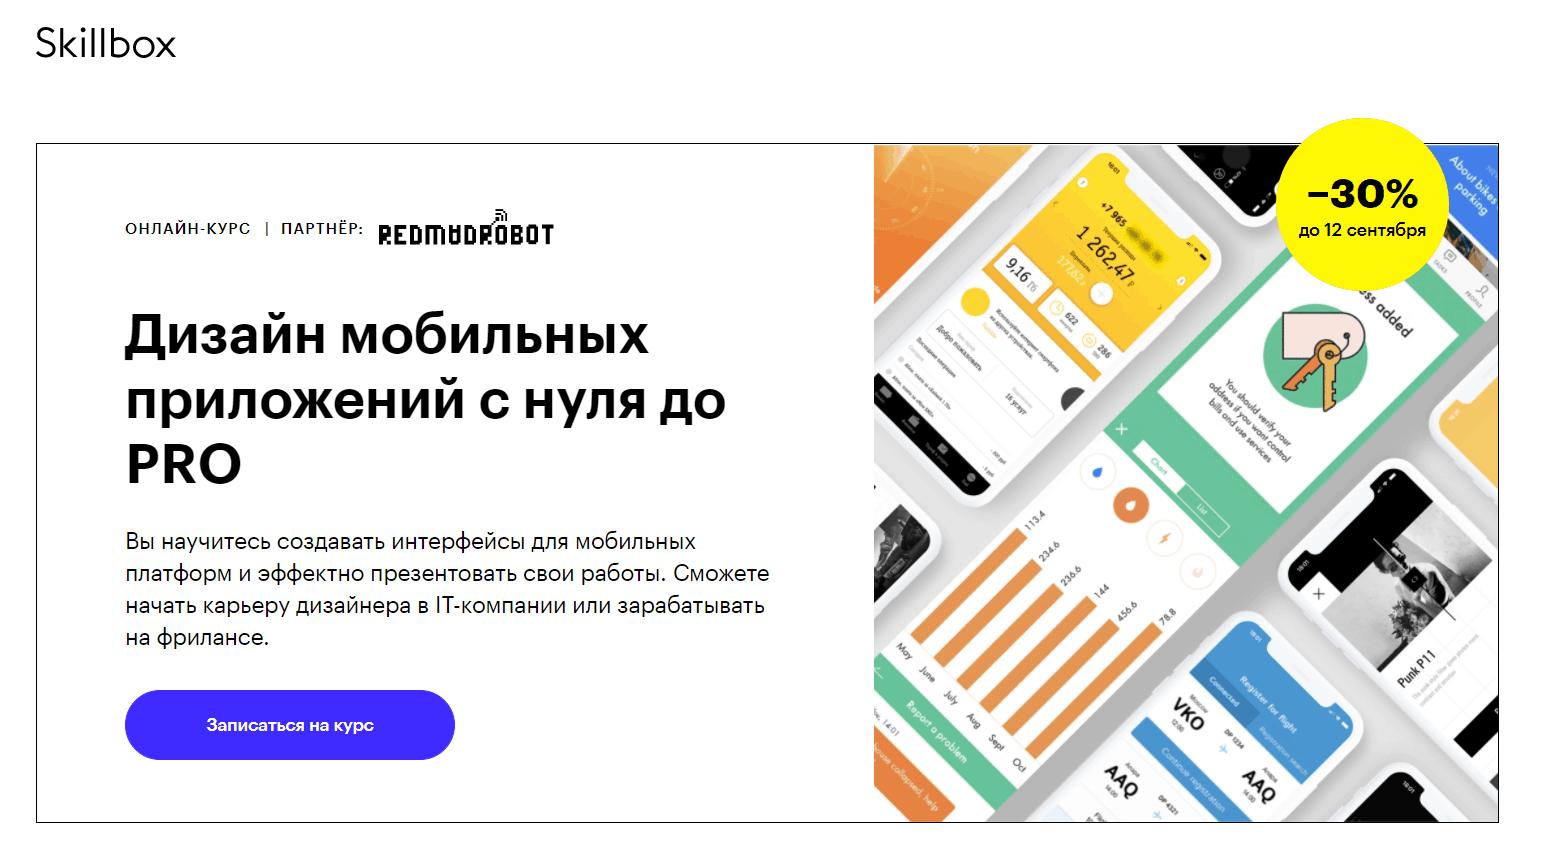 Дизайн мобильных приложений с нуля до ПРО